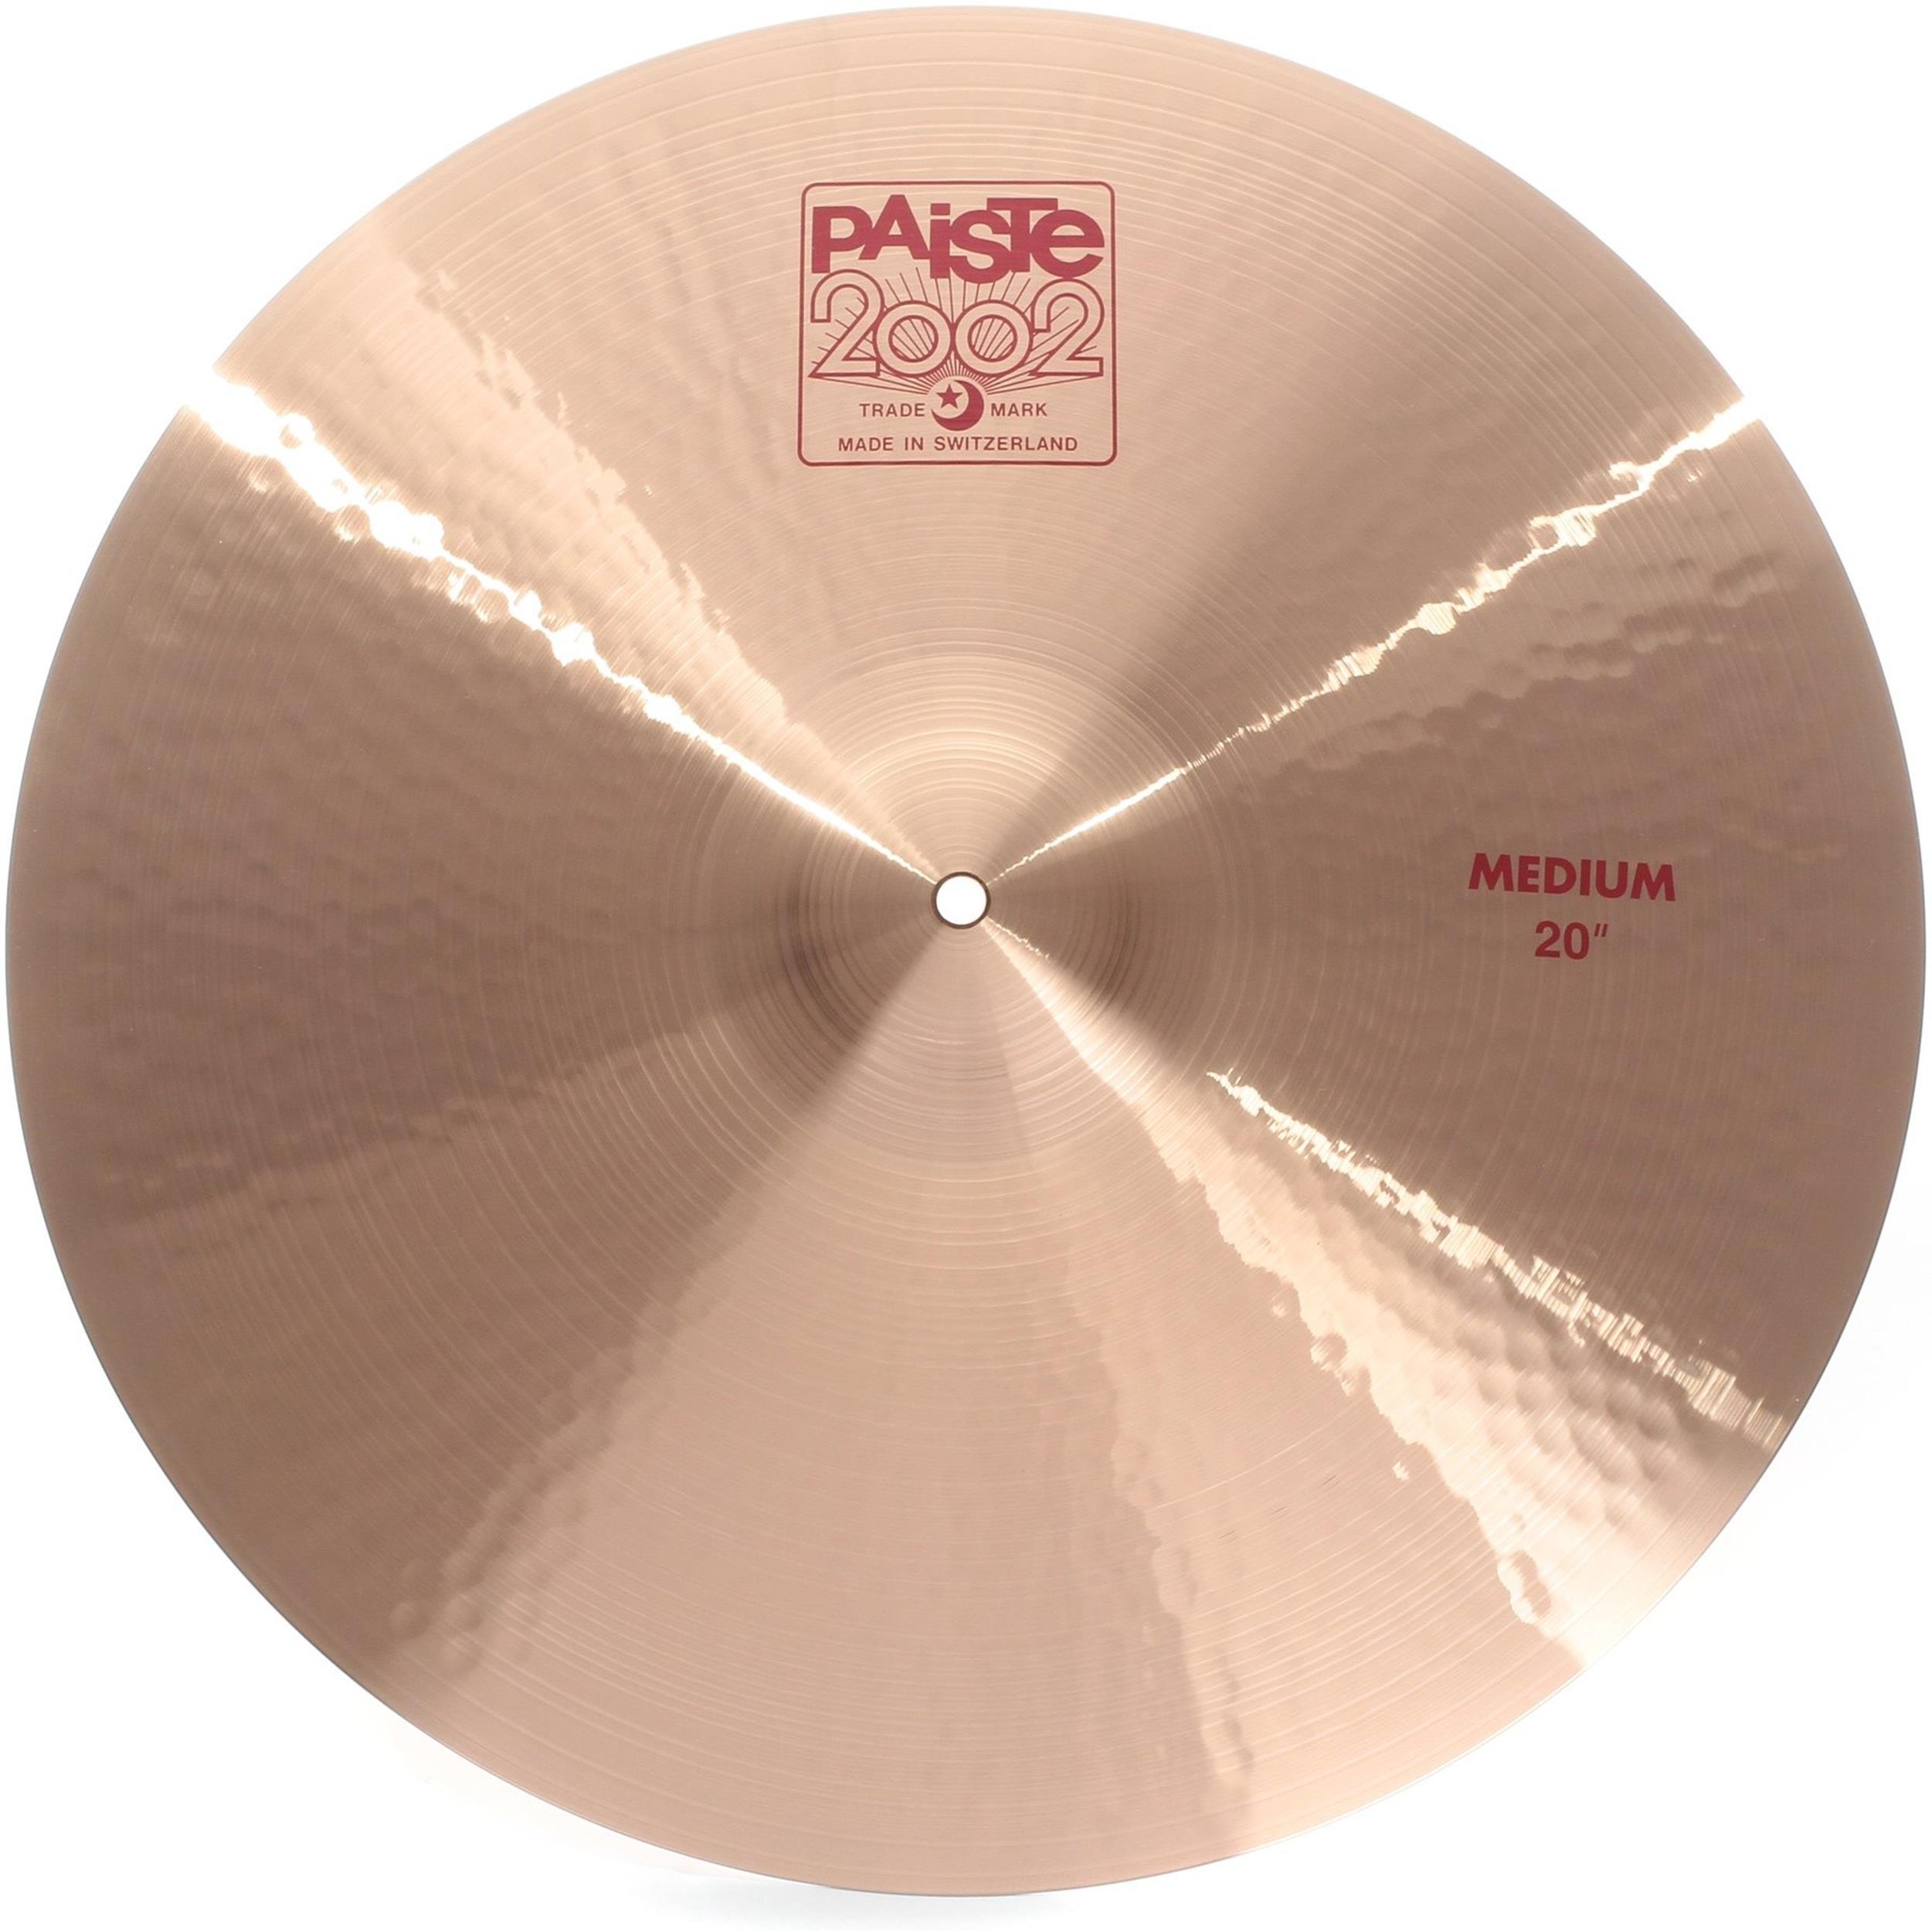 PAISTE-2002-RIDE-20-sku-490